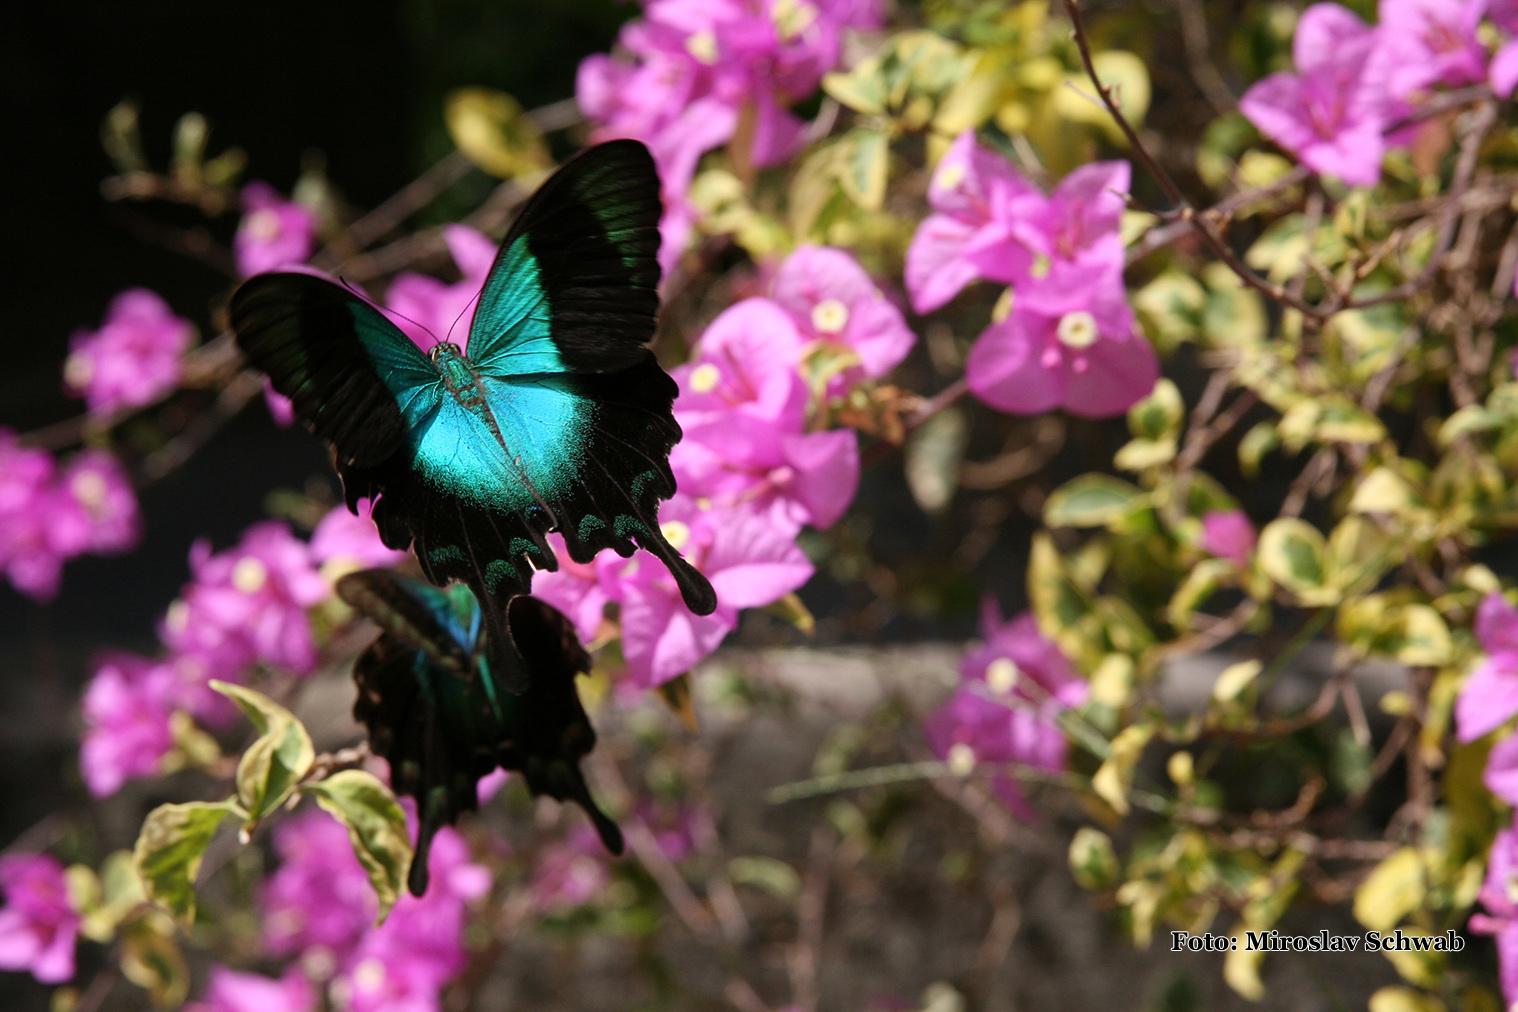 Motýl vidlochvost